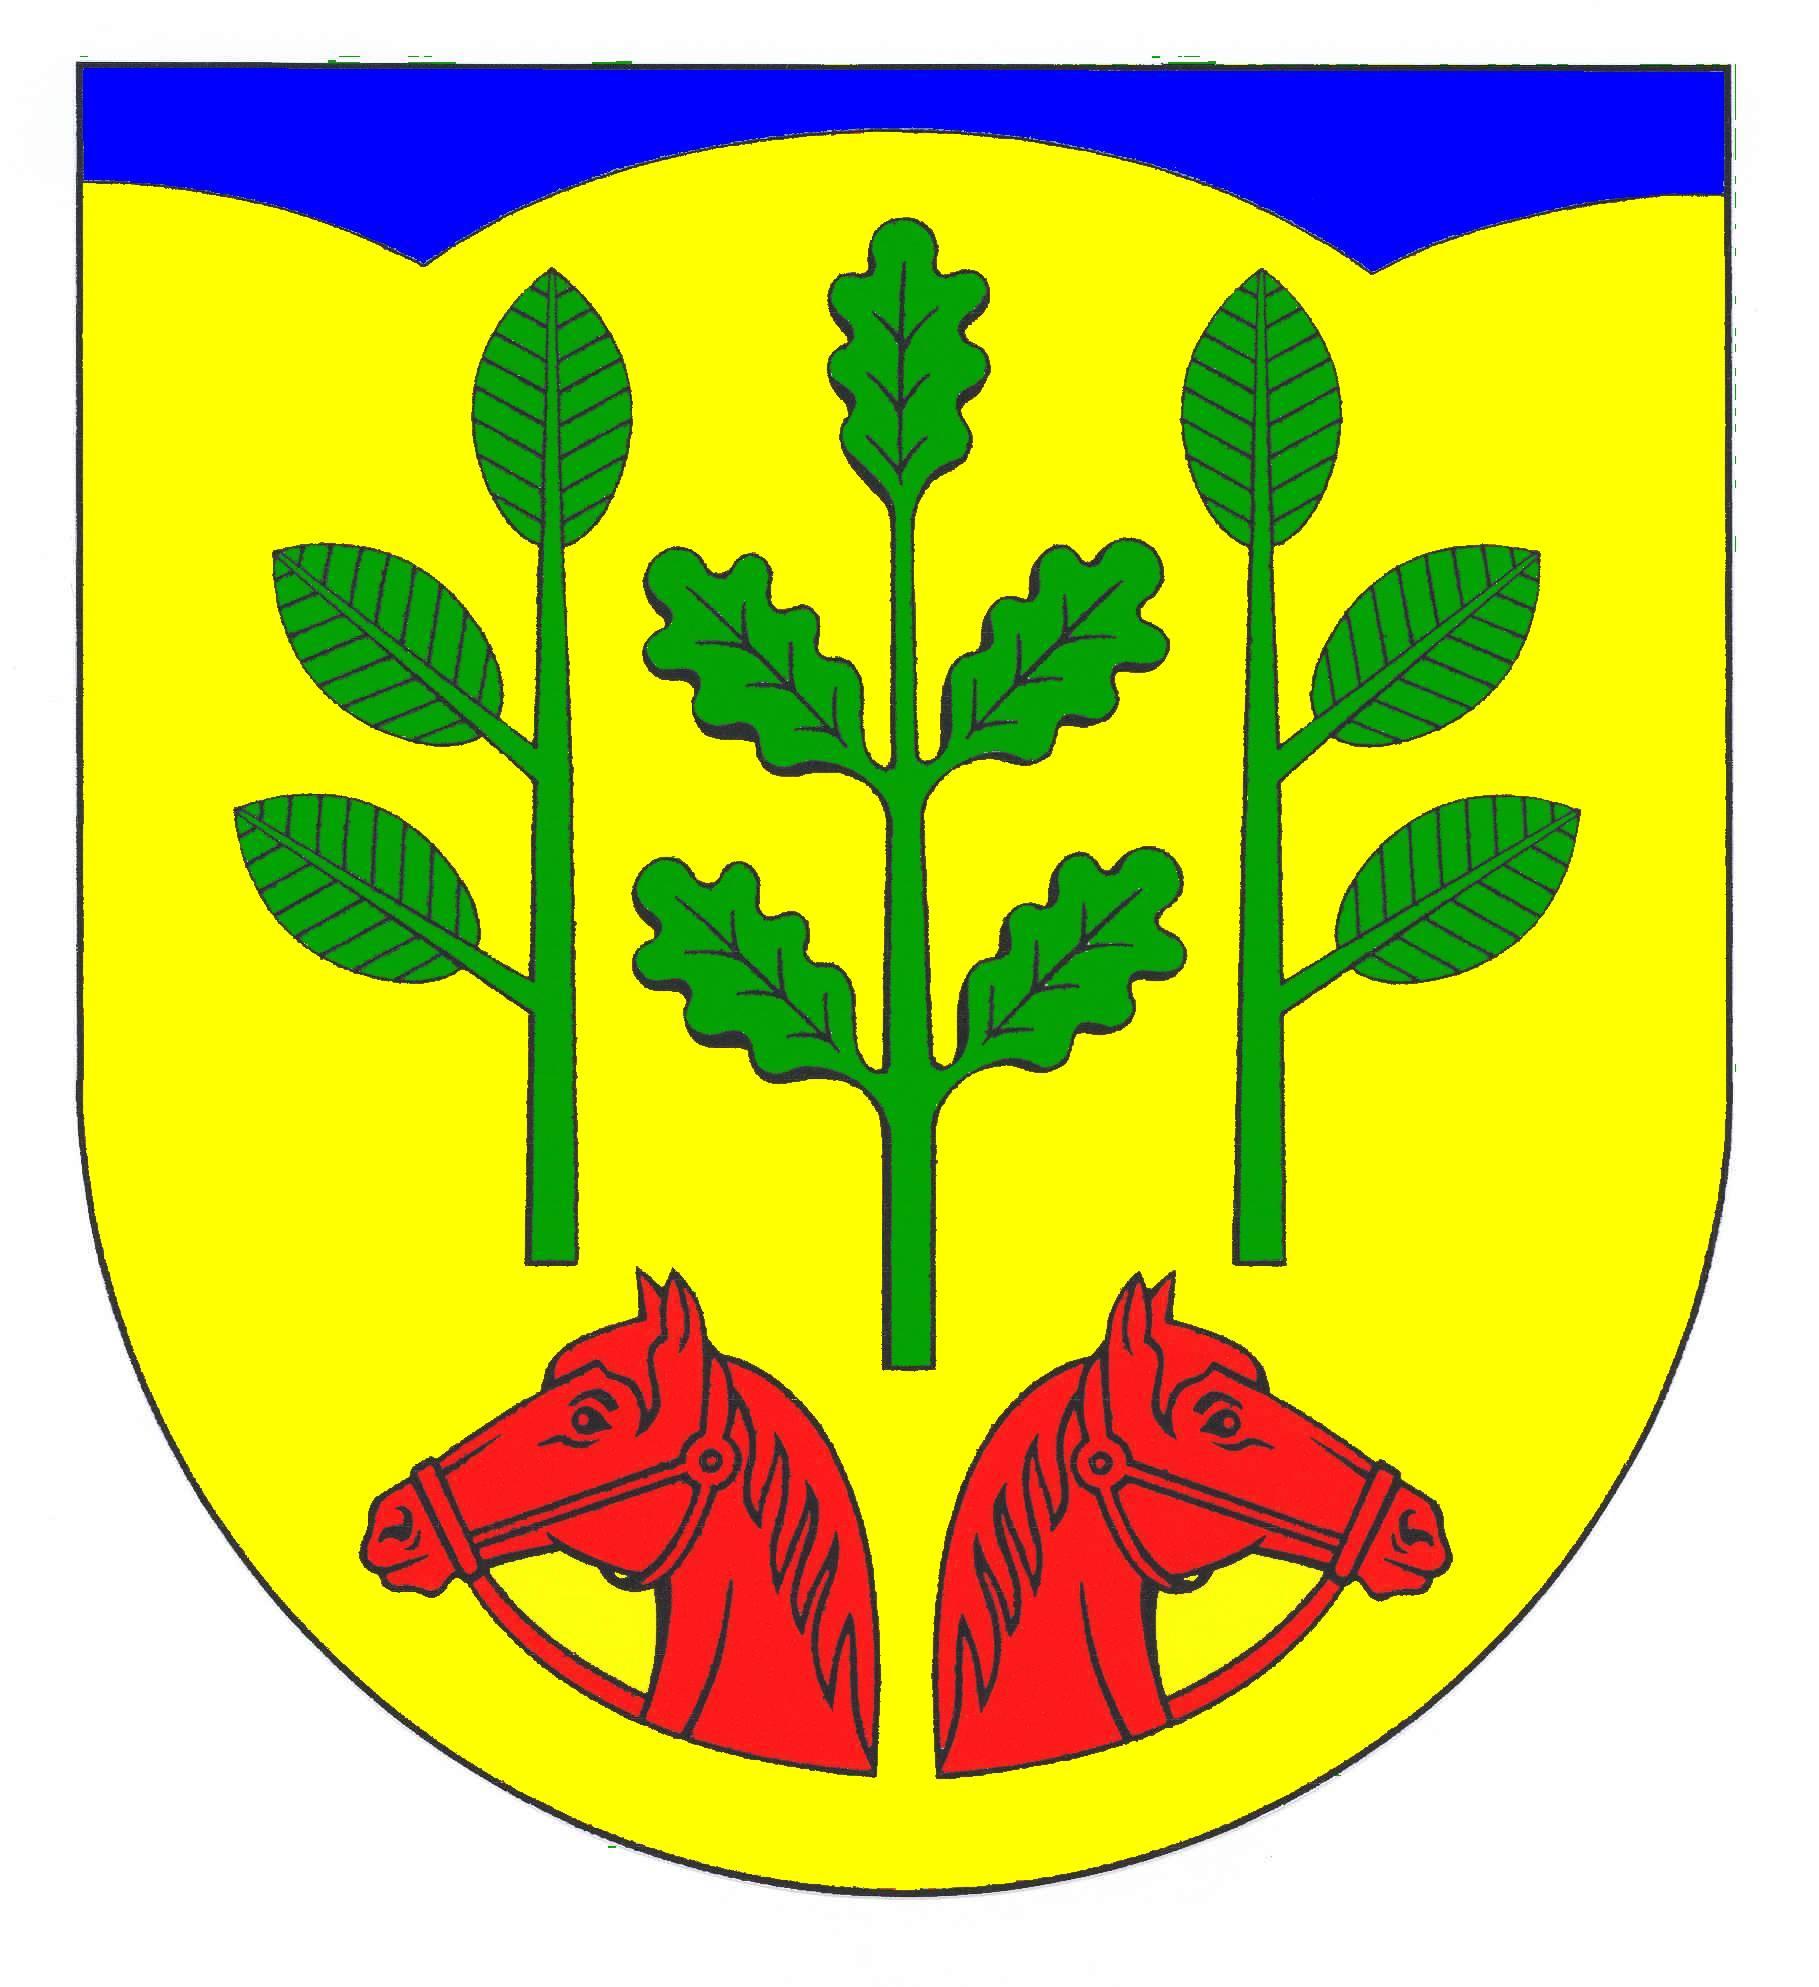 Wappen GemeindeSchönhorst, Kreis Rendsburg-Eckernförde